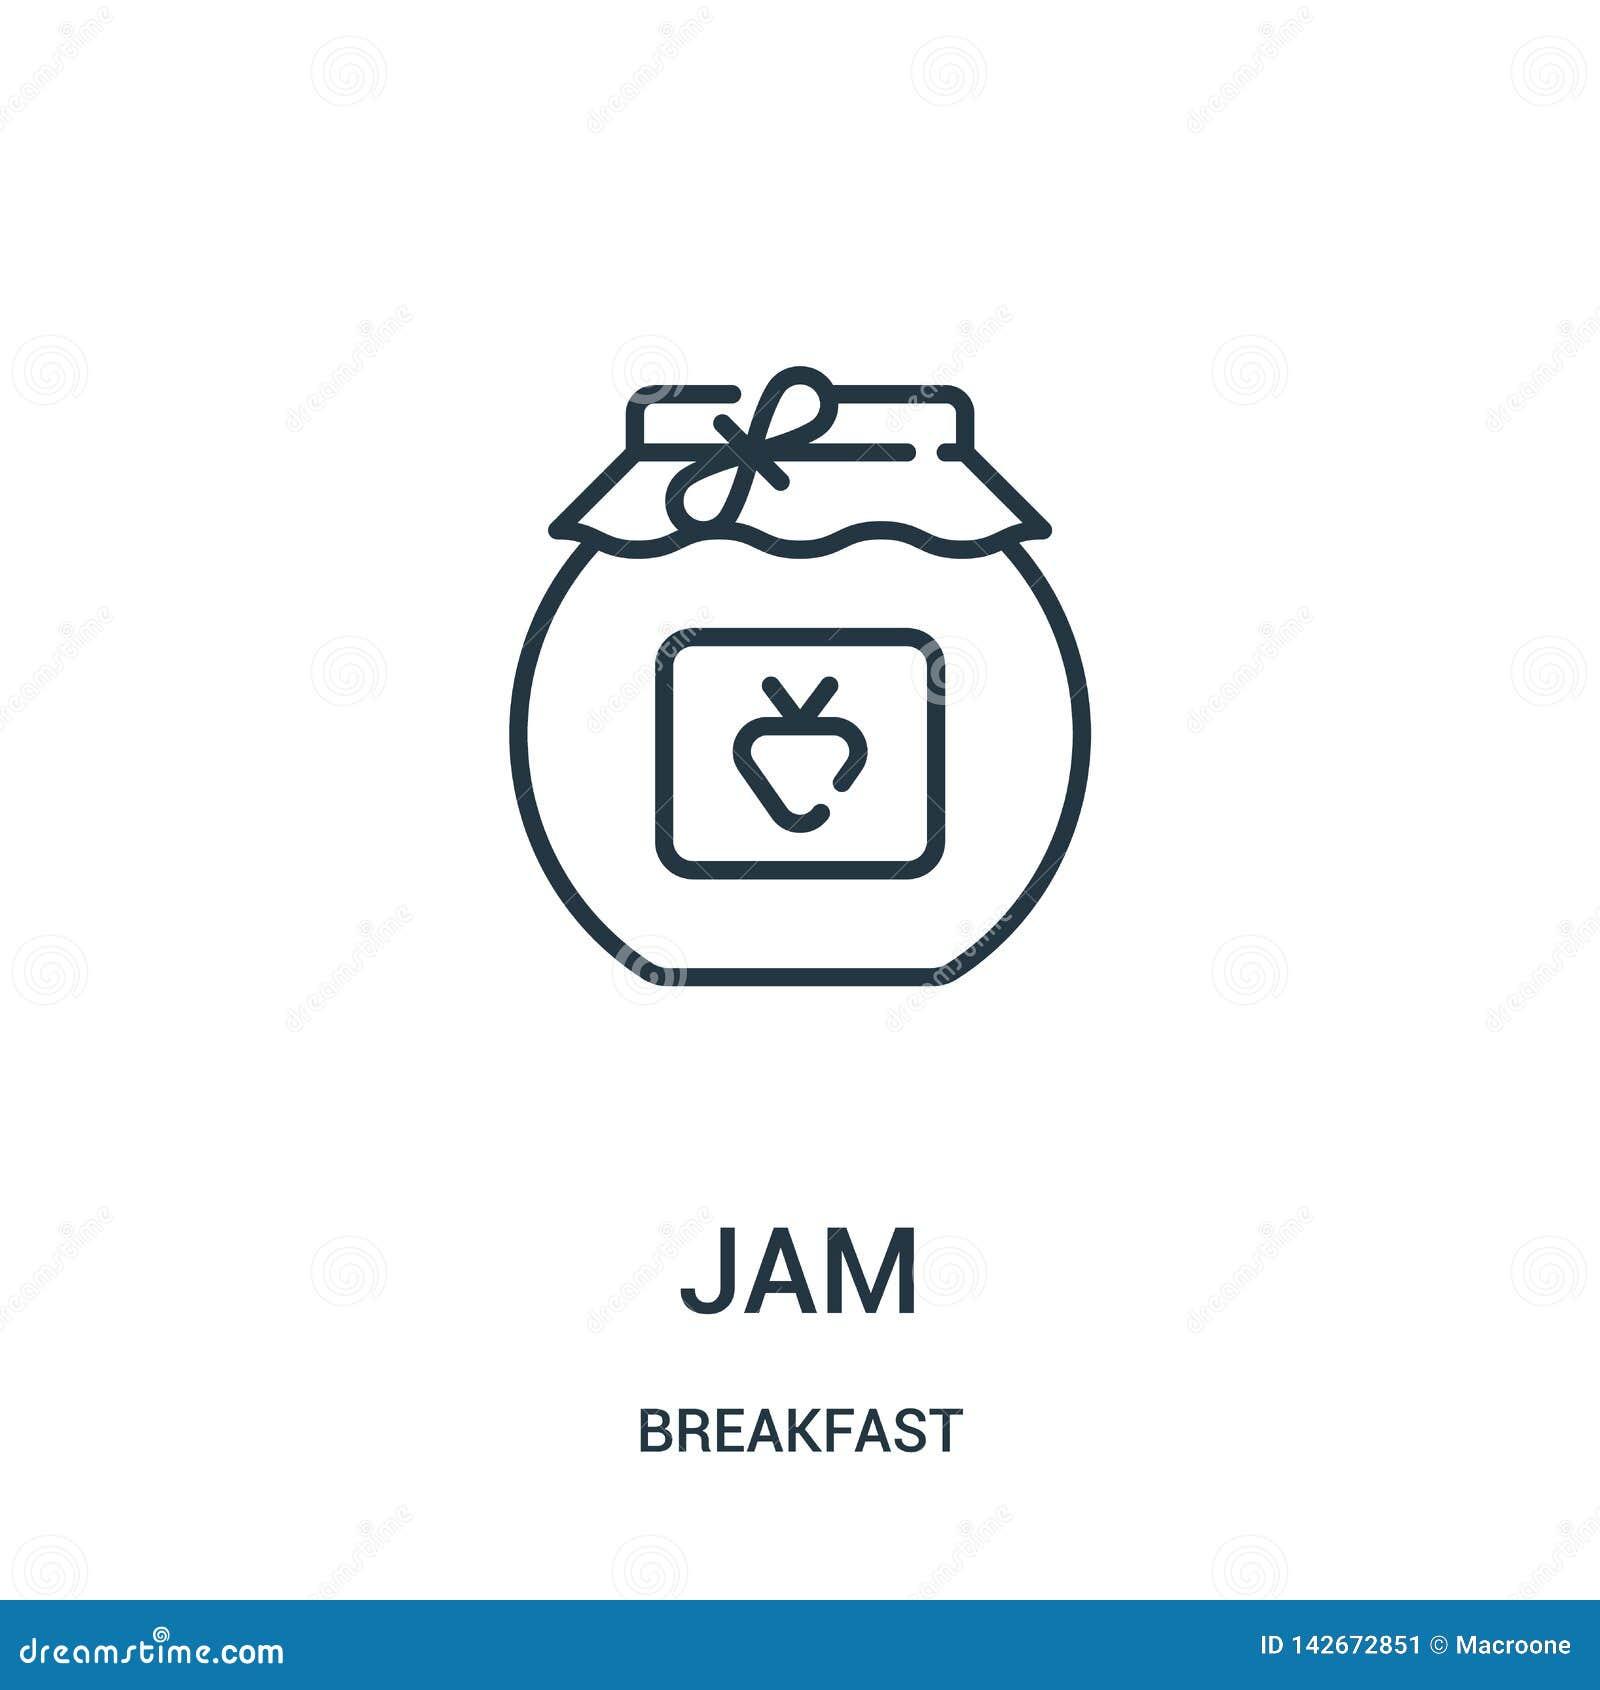 Vetor do ícone do doce da coleção do café da manhã Linha fina ilustração do vetor do ícone do esboço do doce Símbolo linear para